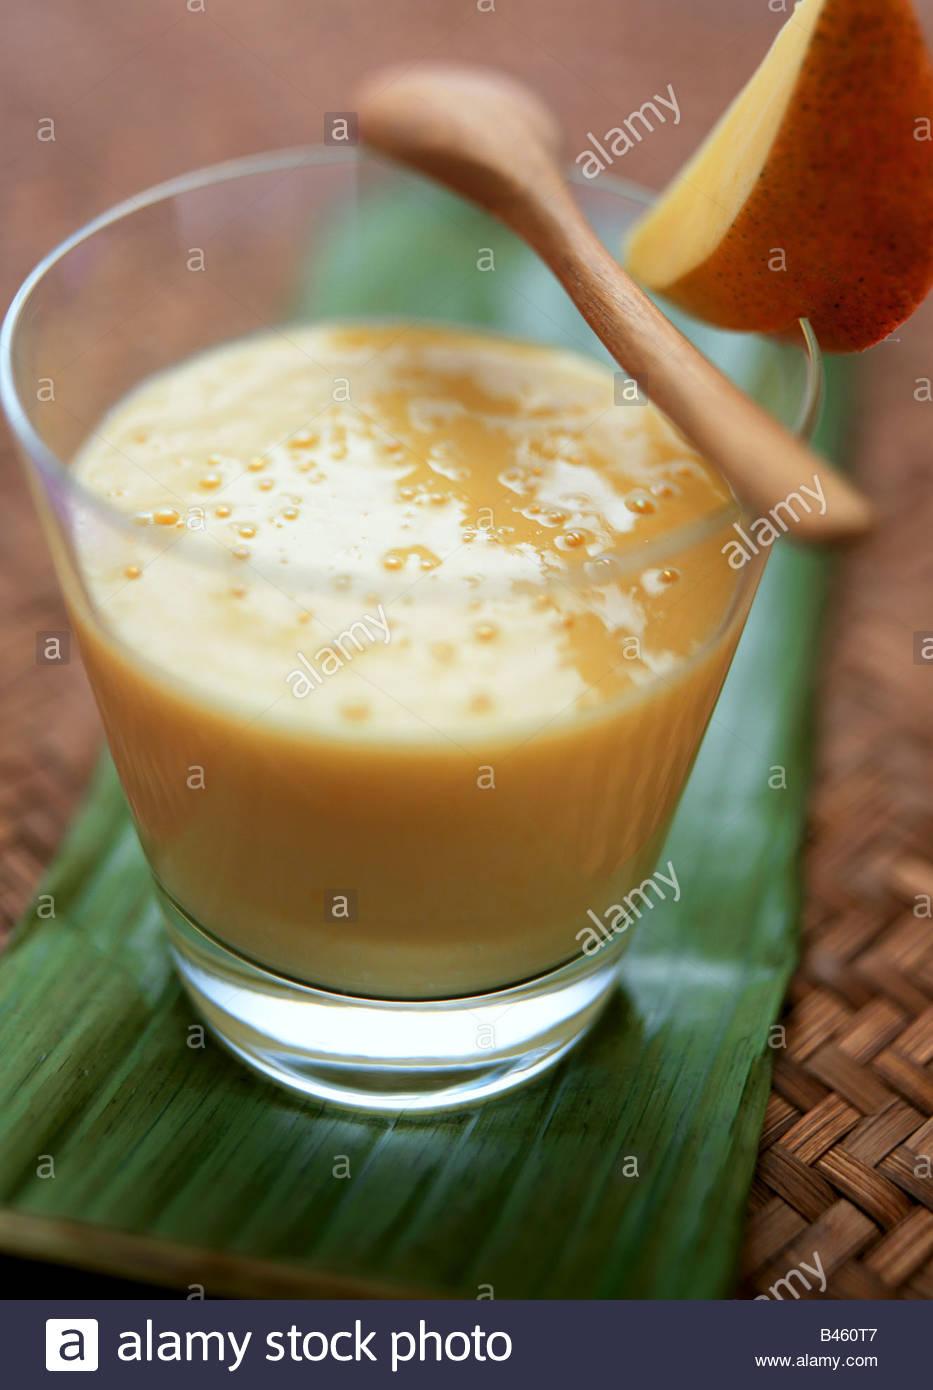 Mango lassi (Indian mango y yogur bebida) Imagen De Stock